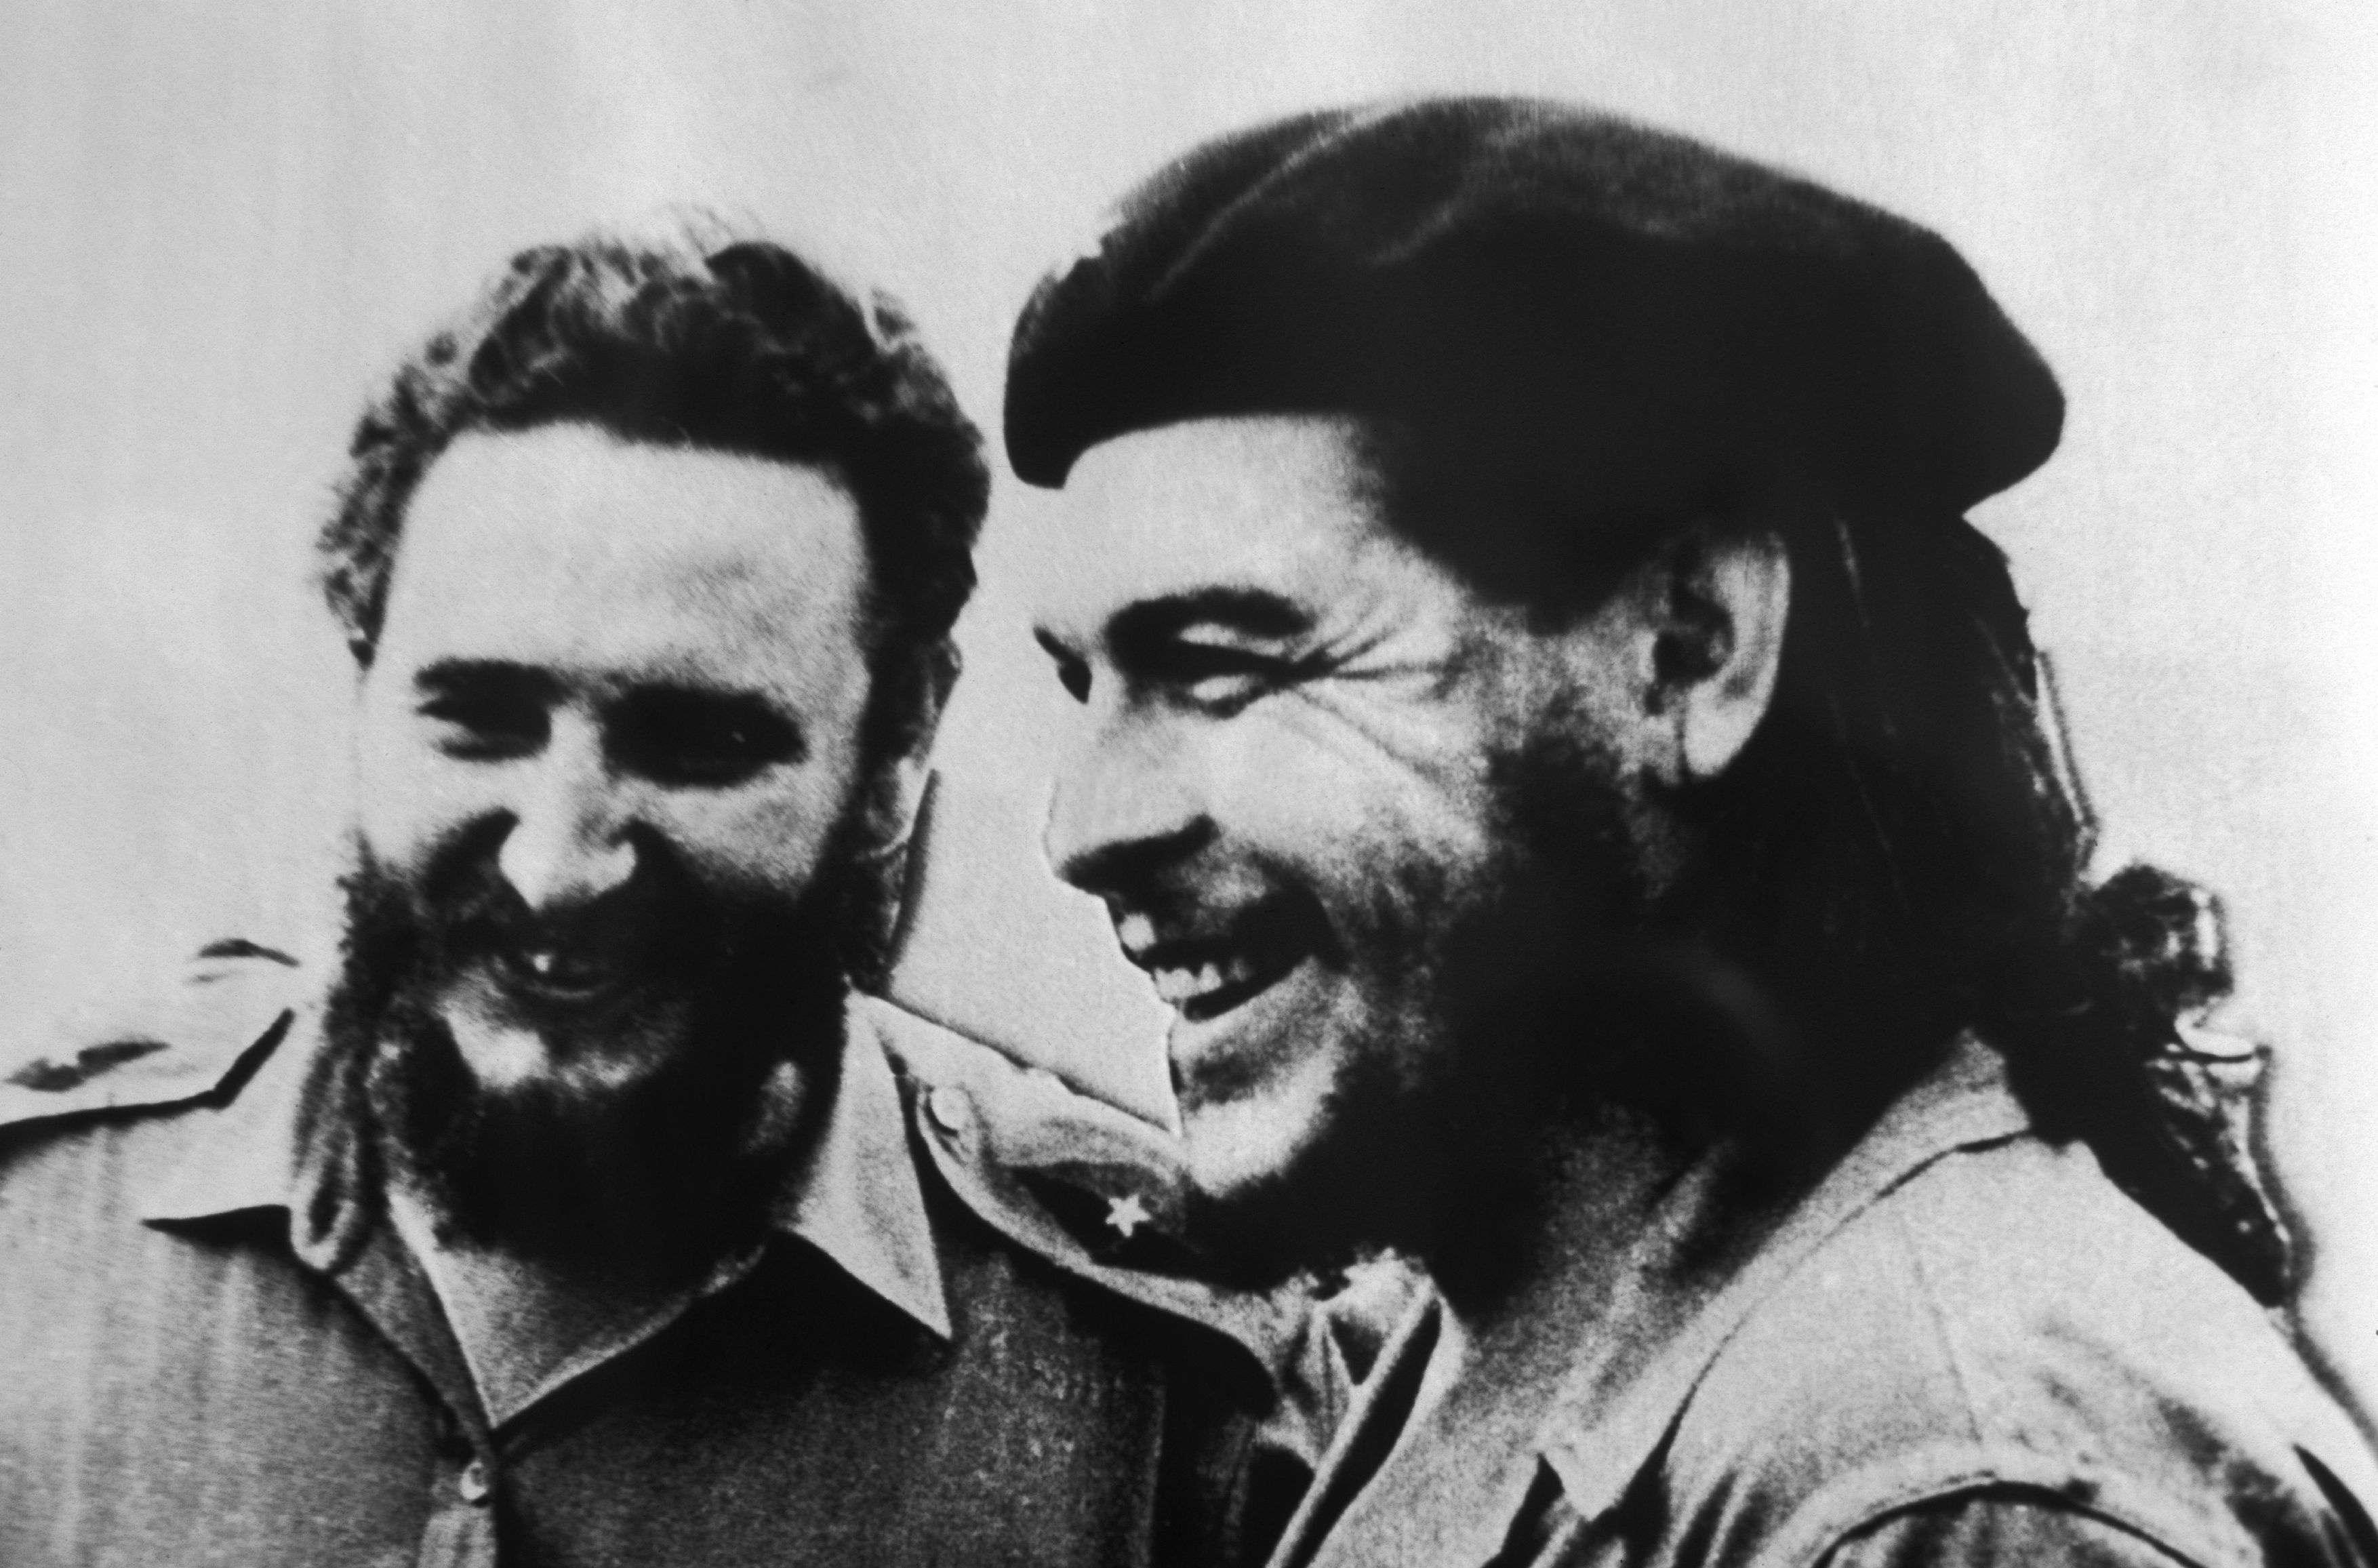 Dopo 60 anni a Cuba si chiude l'era Castro: le 10 date chiave di Fidel e Raul - Photogallery - Rai News